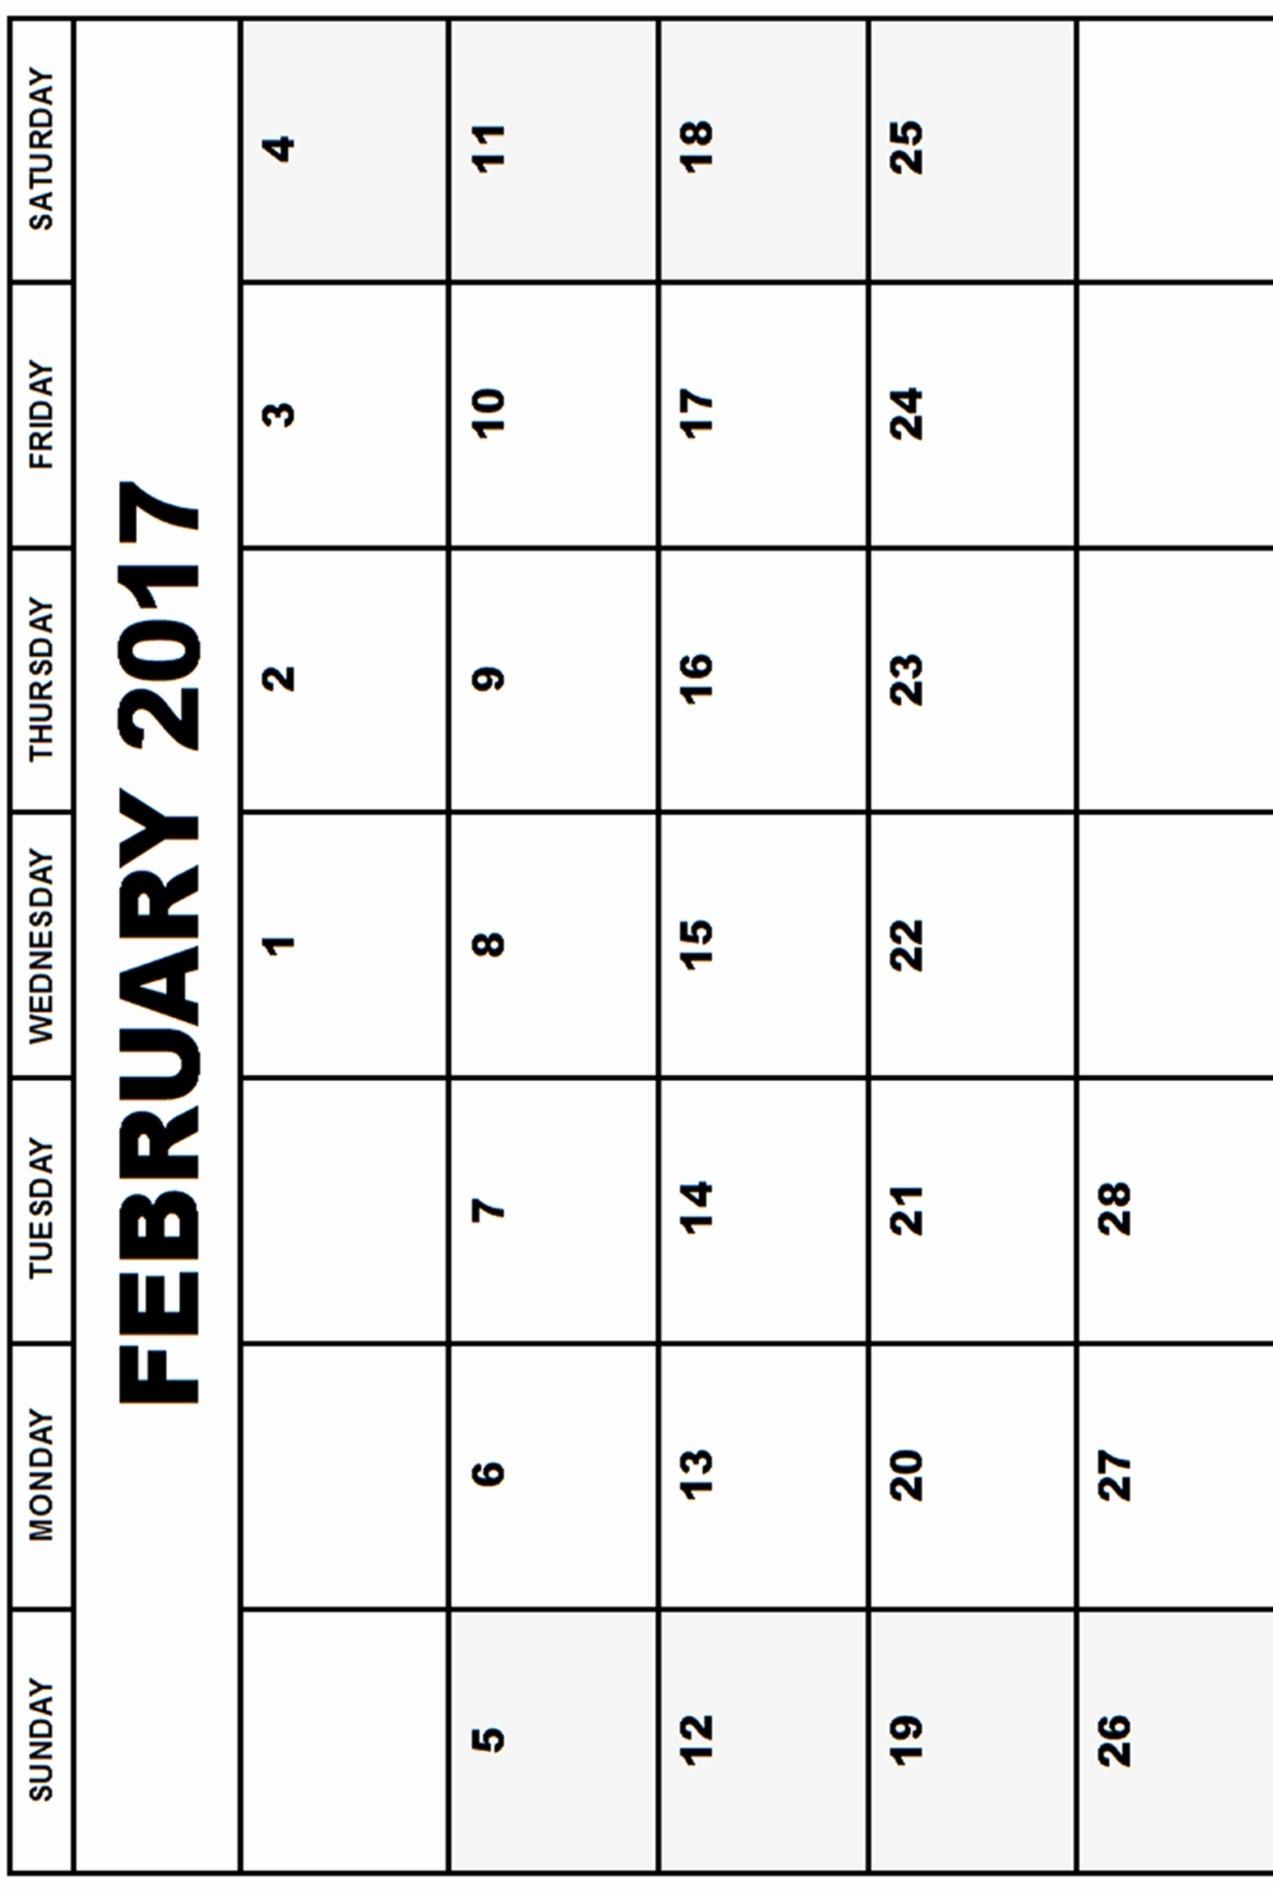 Free 2017 Printable Calendar Word Luxury Printable February 2017 Calendar Word Calendar and